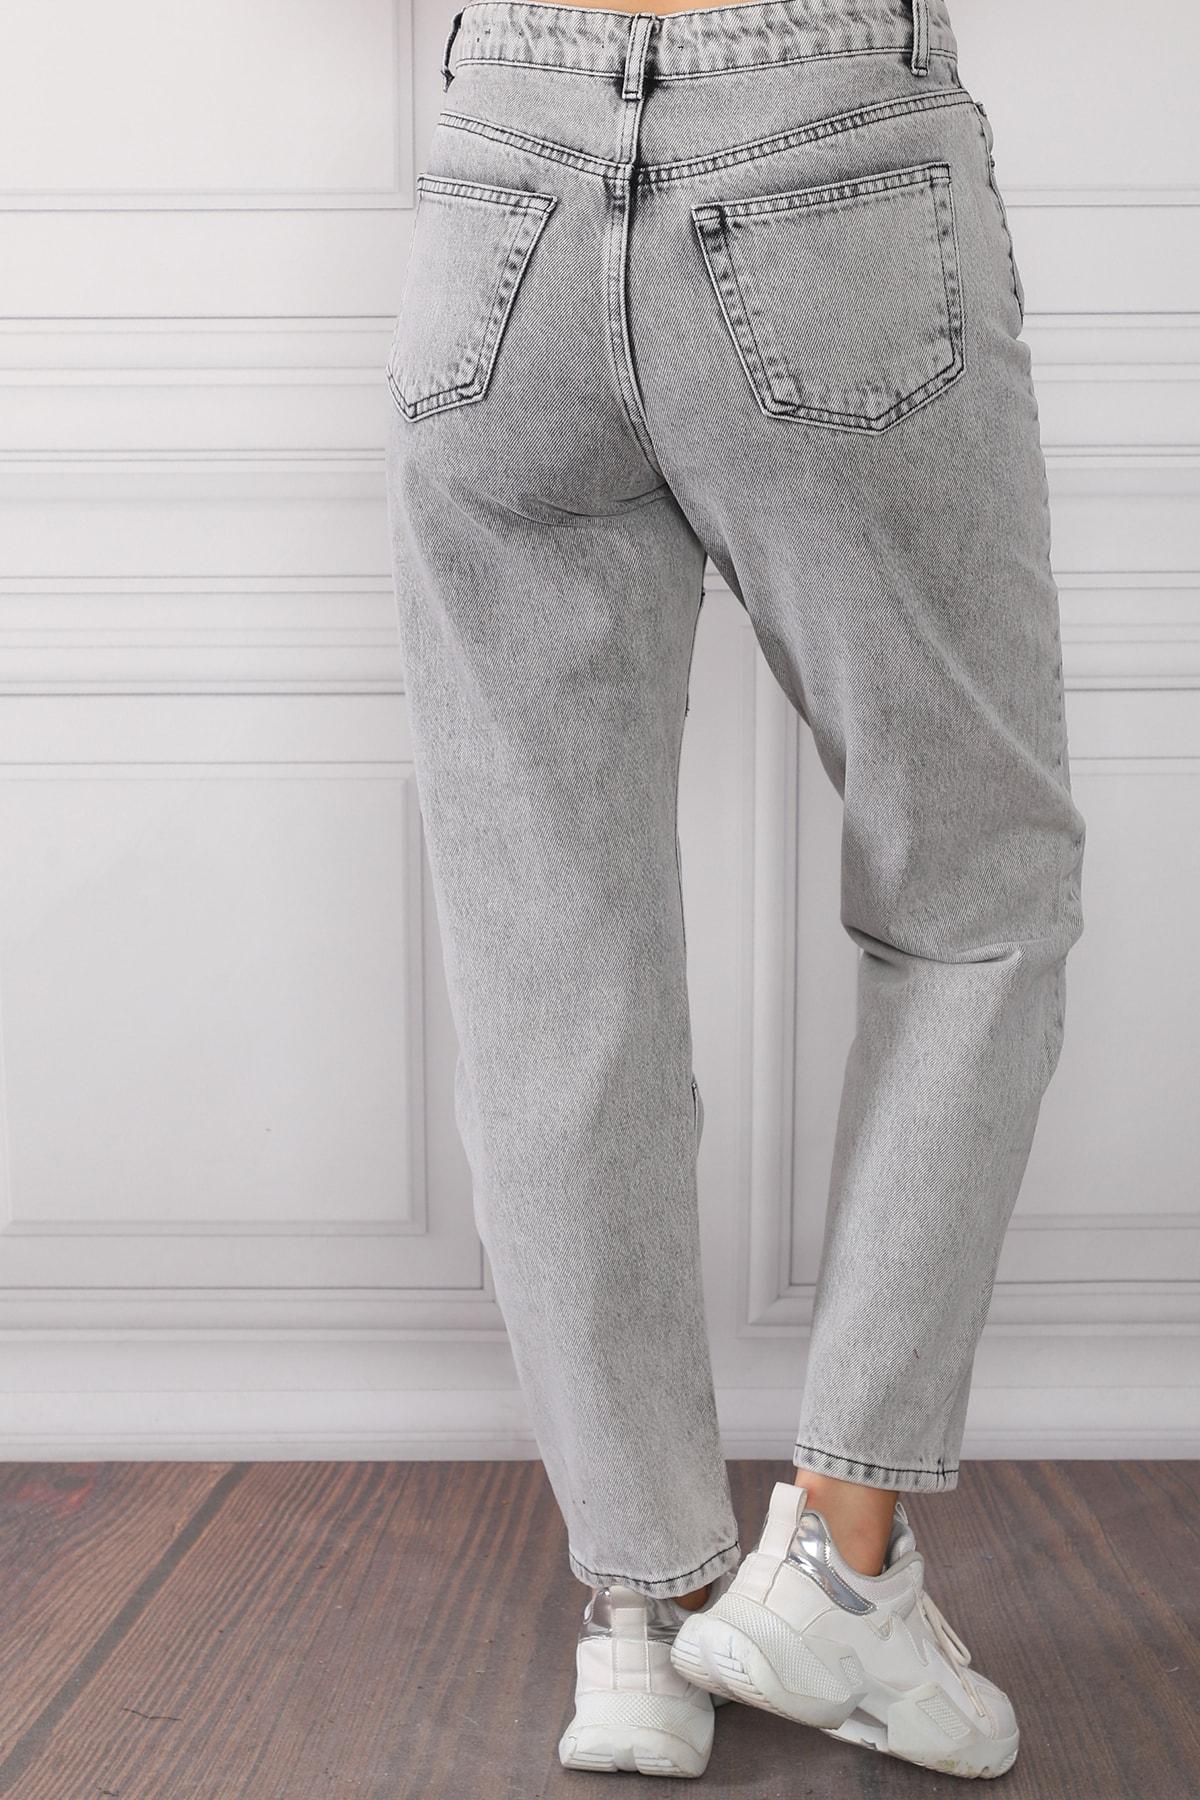 Beyaz Giyim Moda Kadın Gri Çizgi Detaylı Yüksek Bel Mom Jeans Kot Pantolon 2